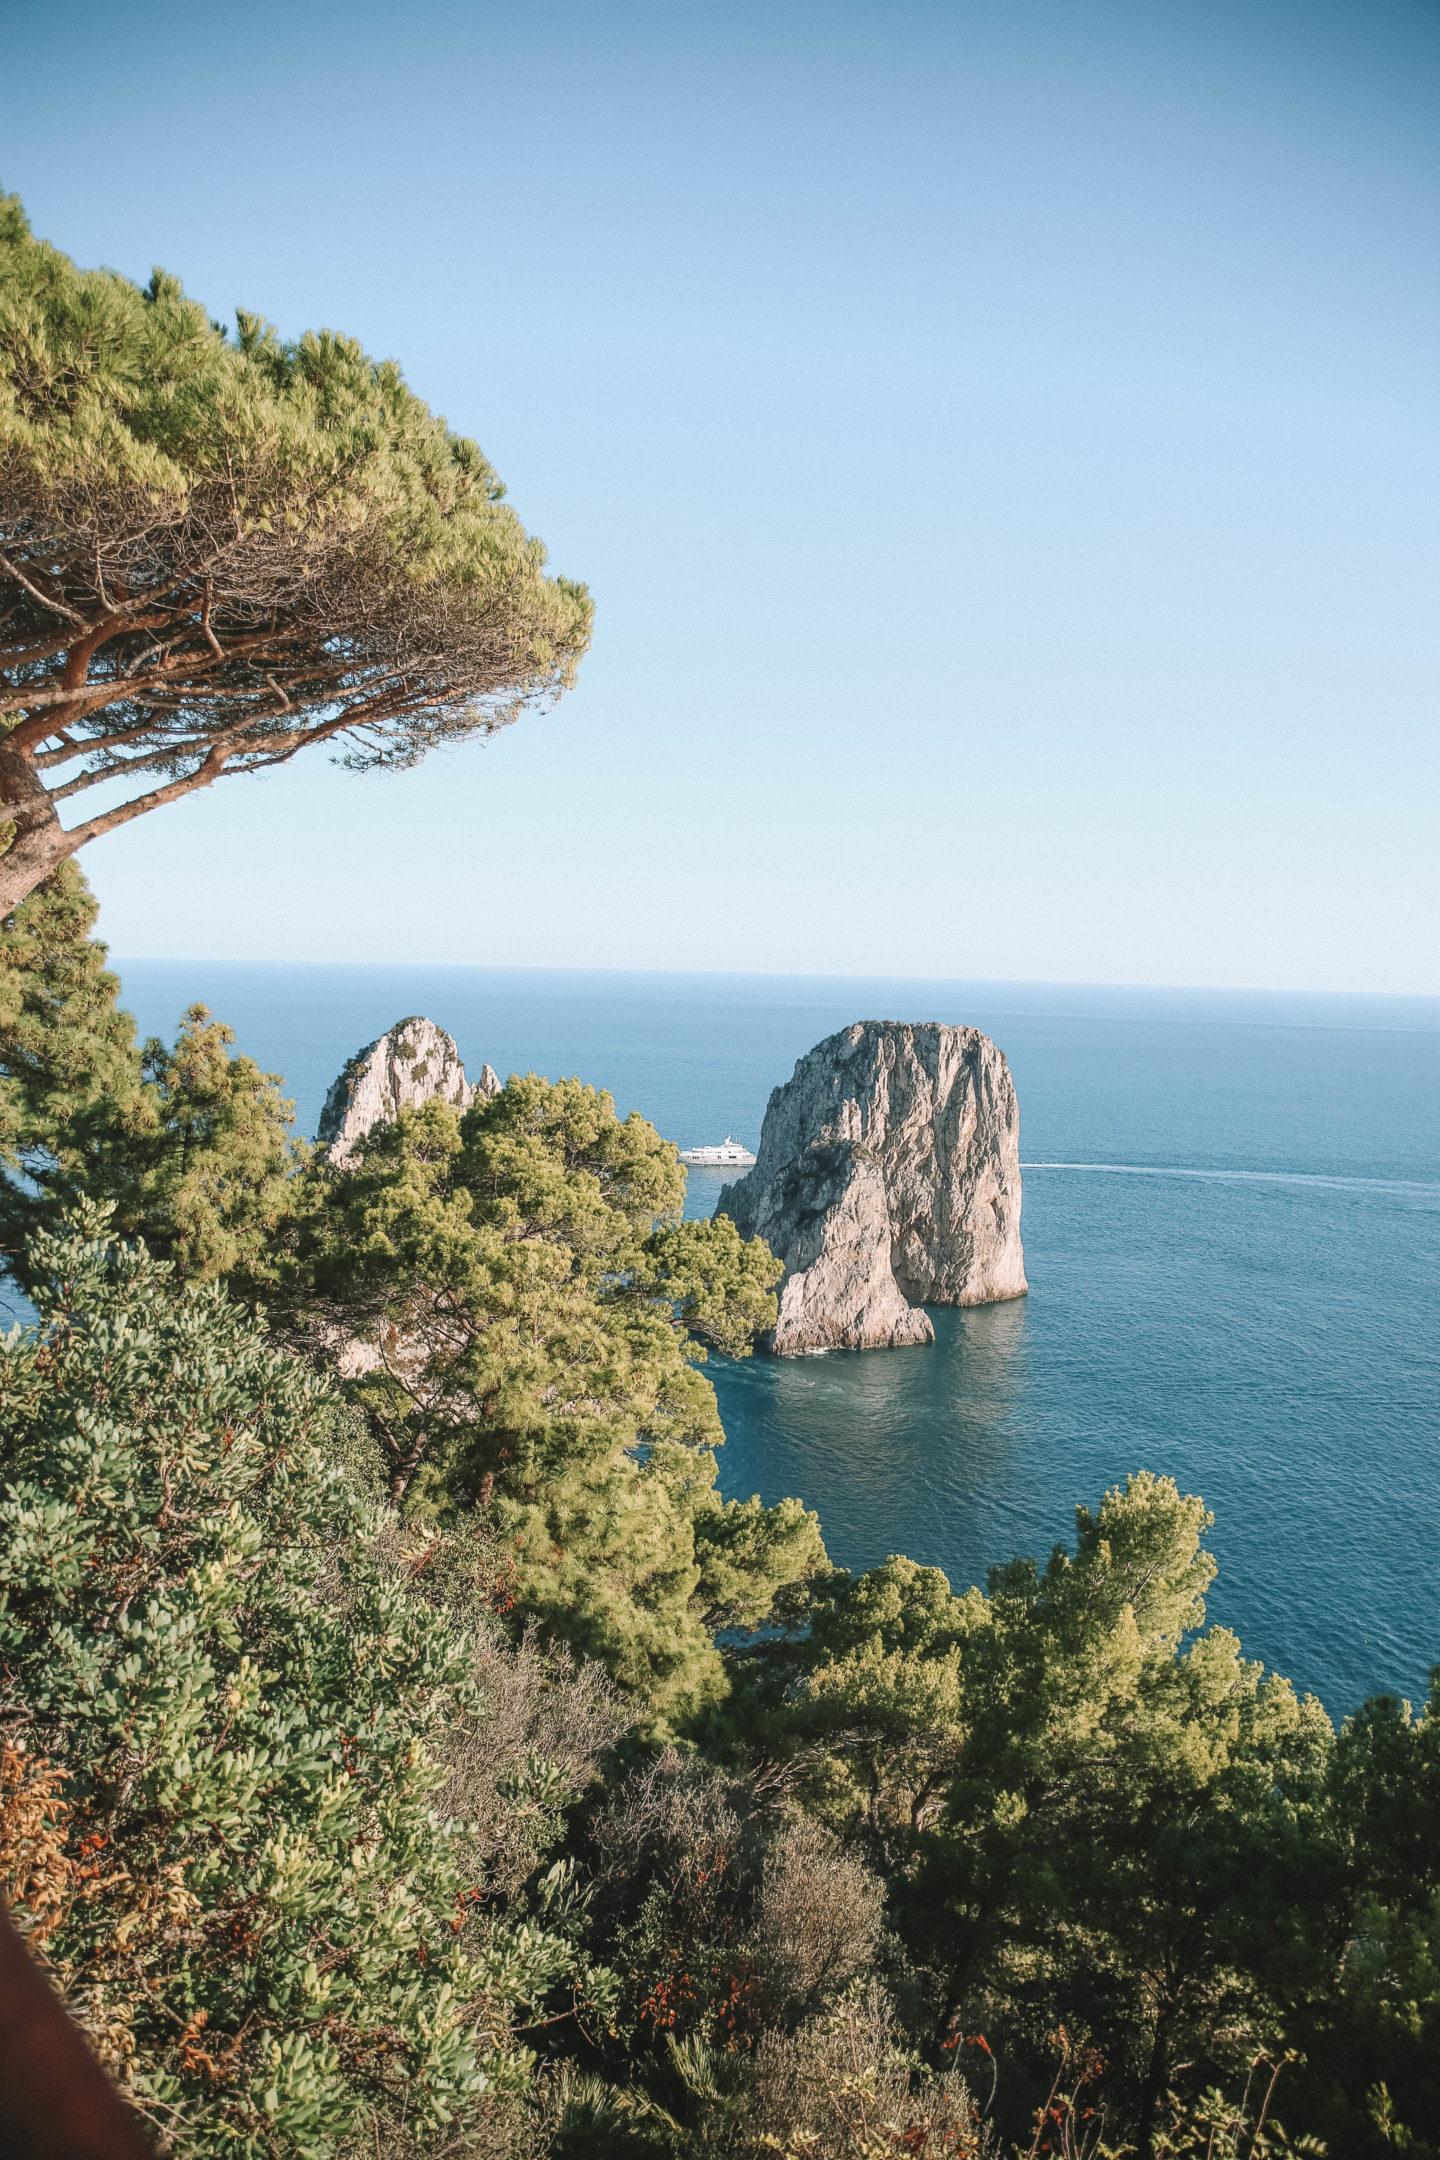 Rochers Faraglioni Capri - Blondie baby blog mode et voyages